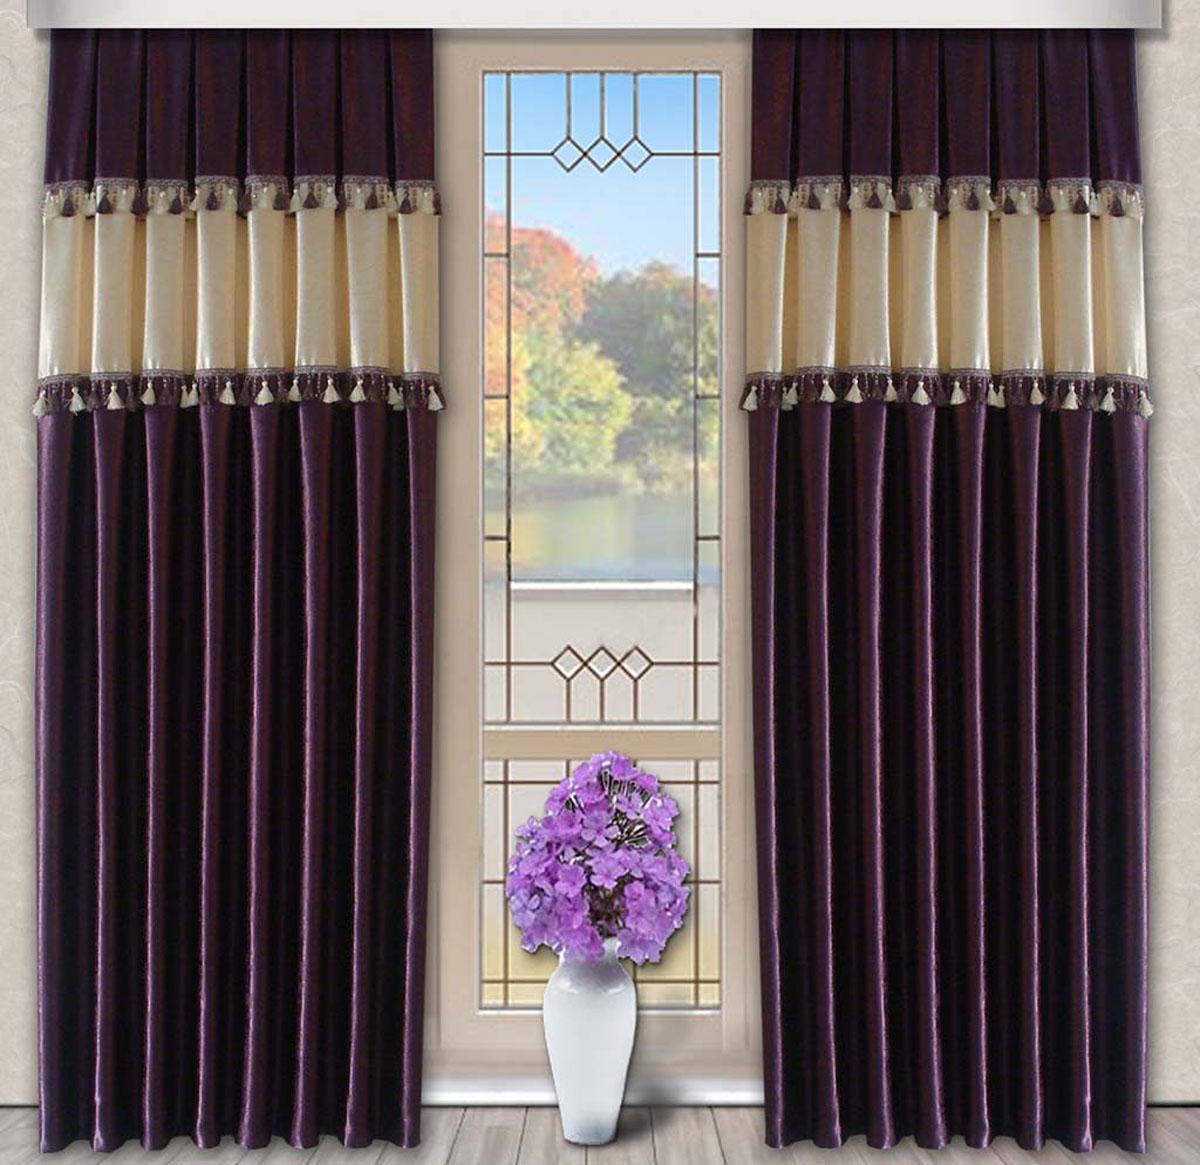 Комплект штор Винтаж, на ленте, цвет: лиловый, кремовый, высота 270 см79716Портьеры из плотной ткани украшенные бахромой. Стирка не более 30 градусов